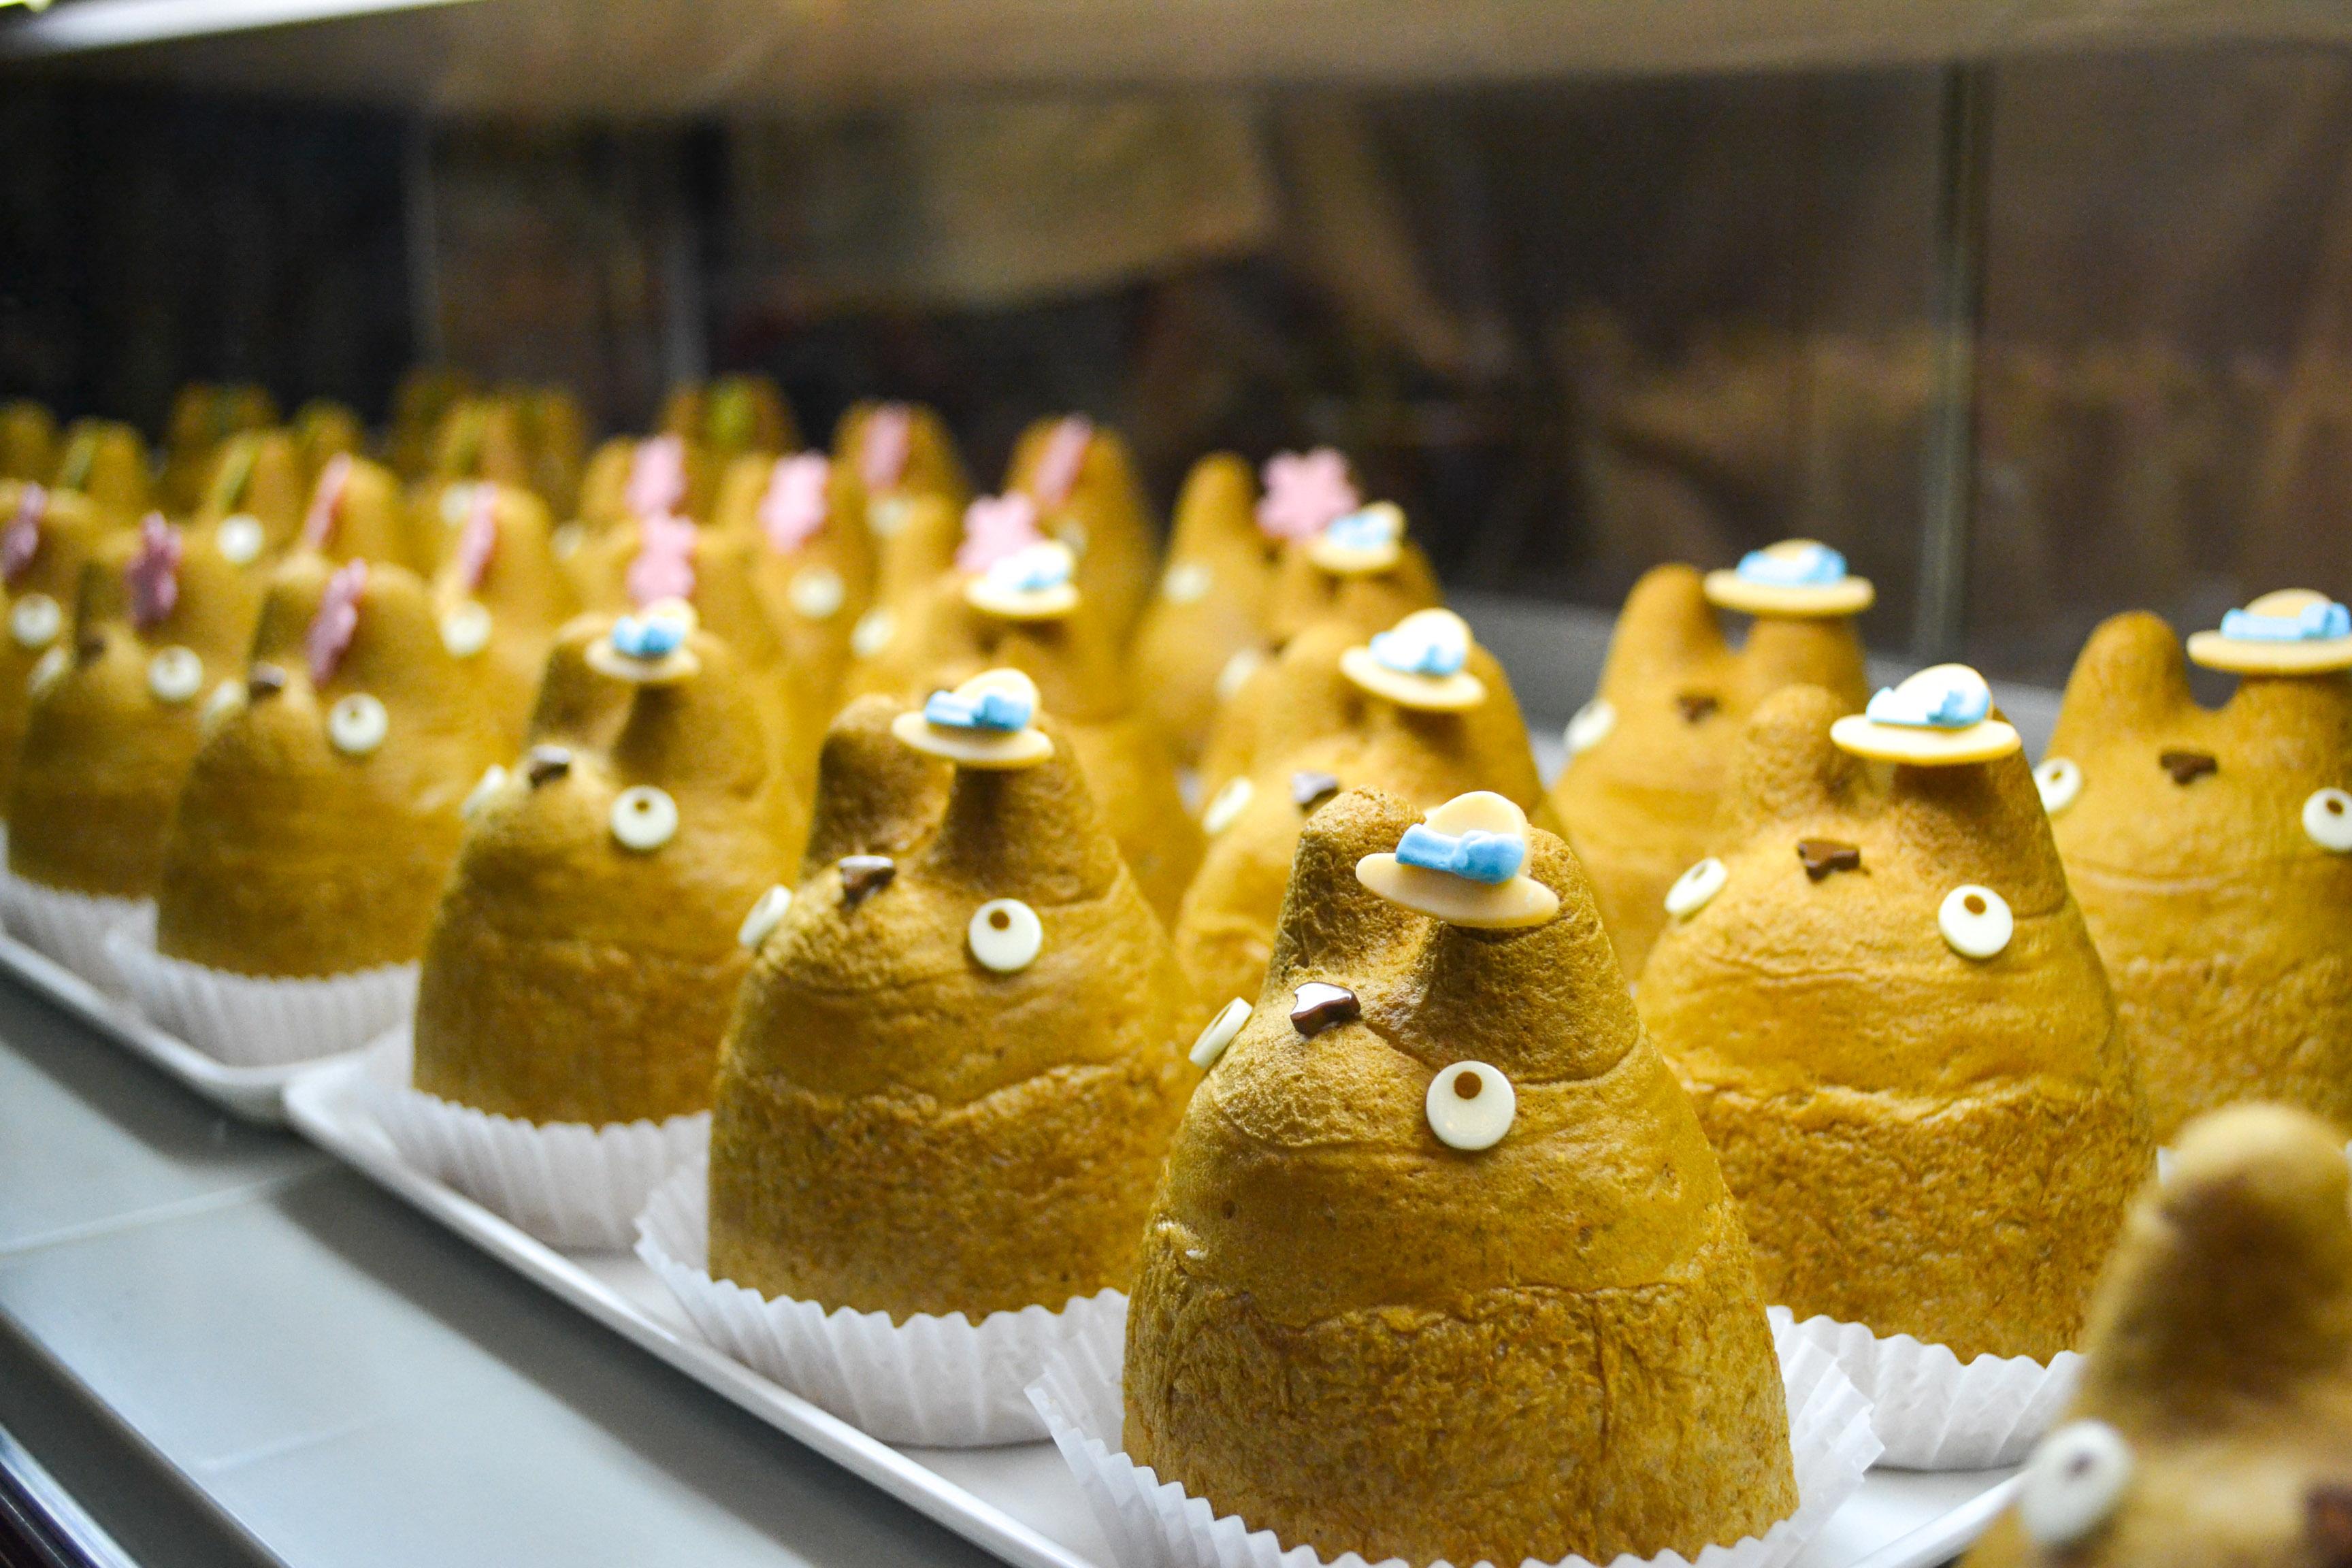 totoro-shirohige-cream-puff-factory-3